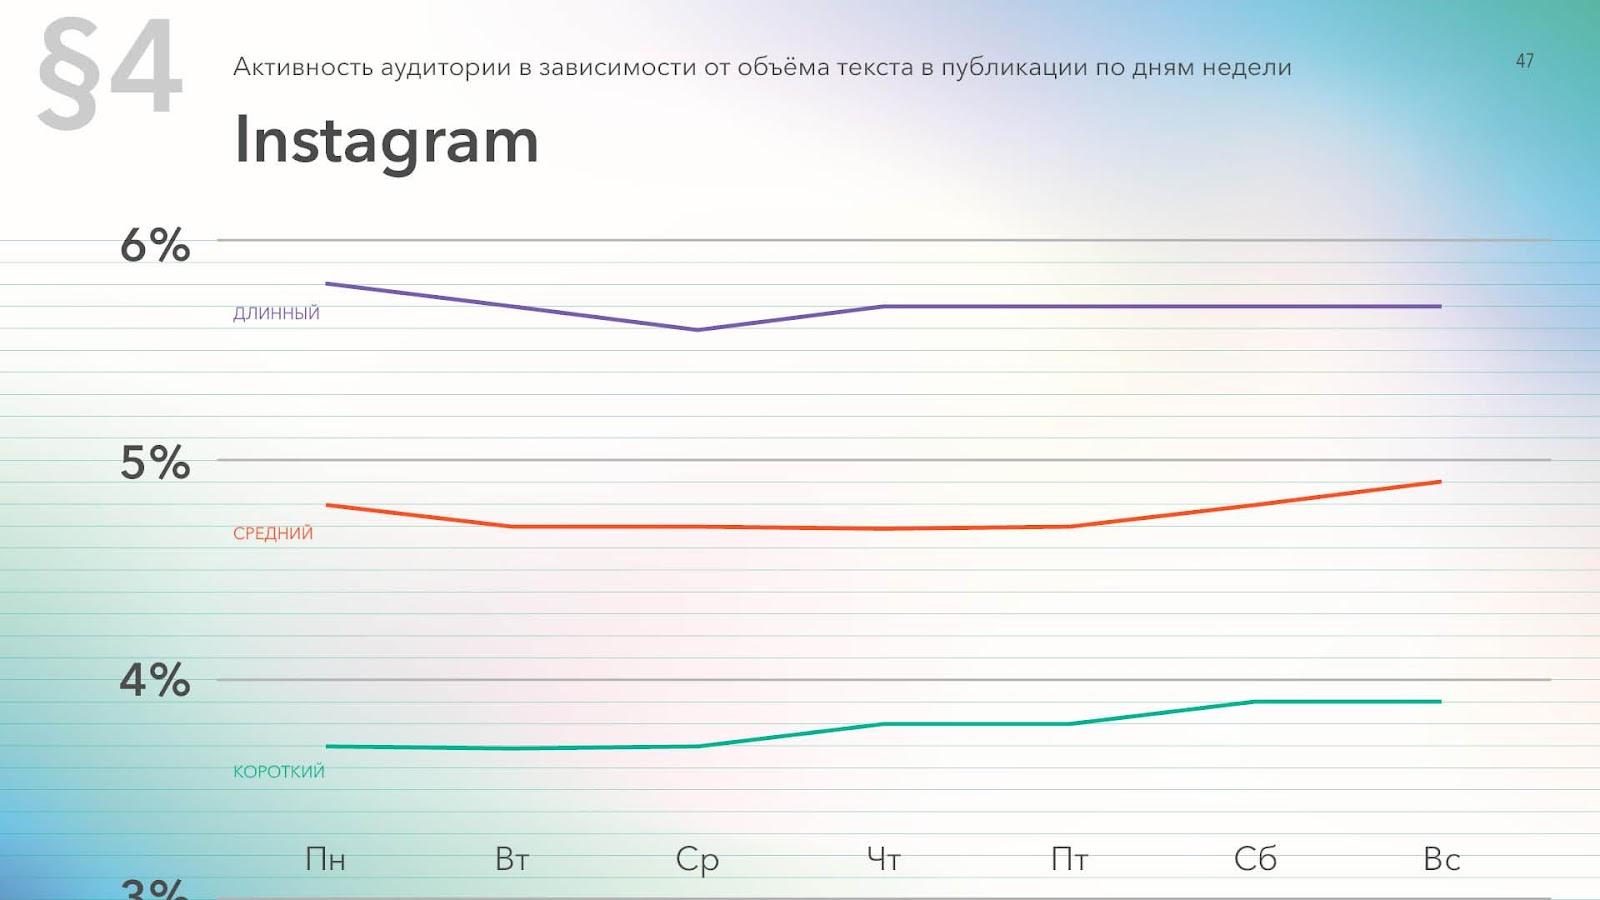 Активность в Instagram в зависимости от длины текста в постах и дня недели, данные за 2019 год